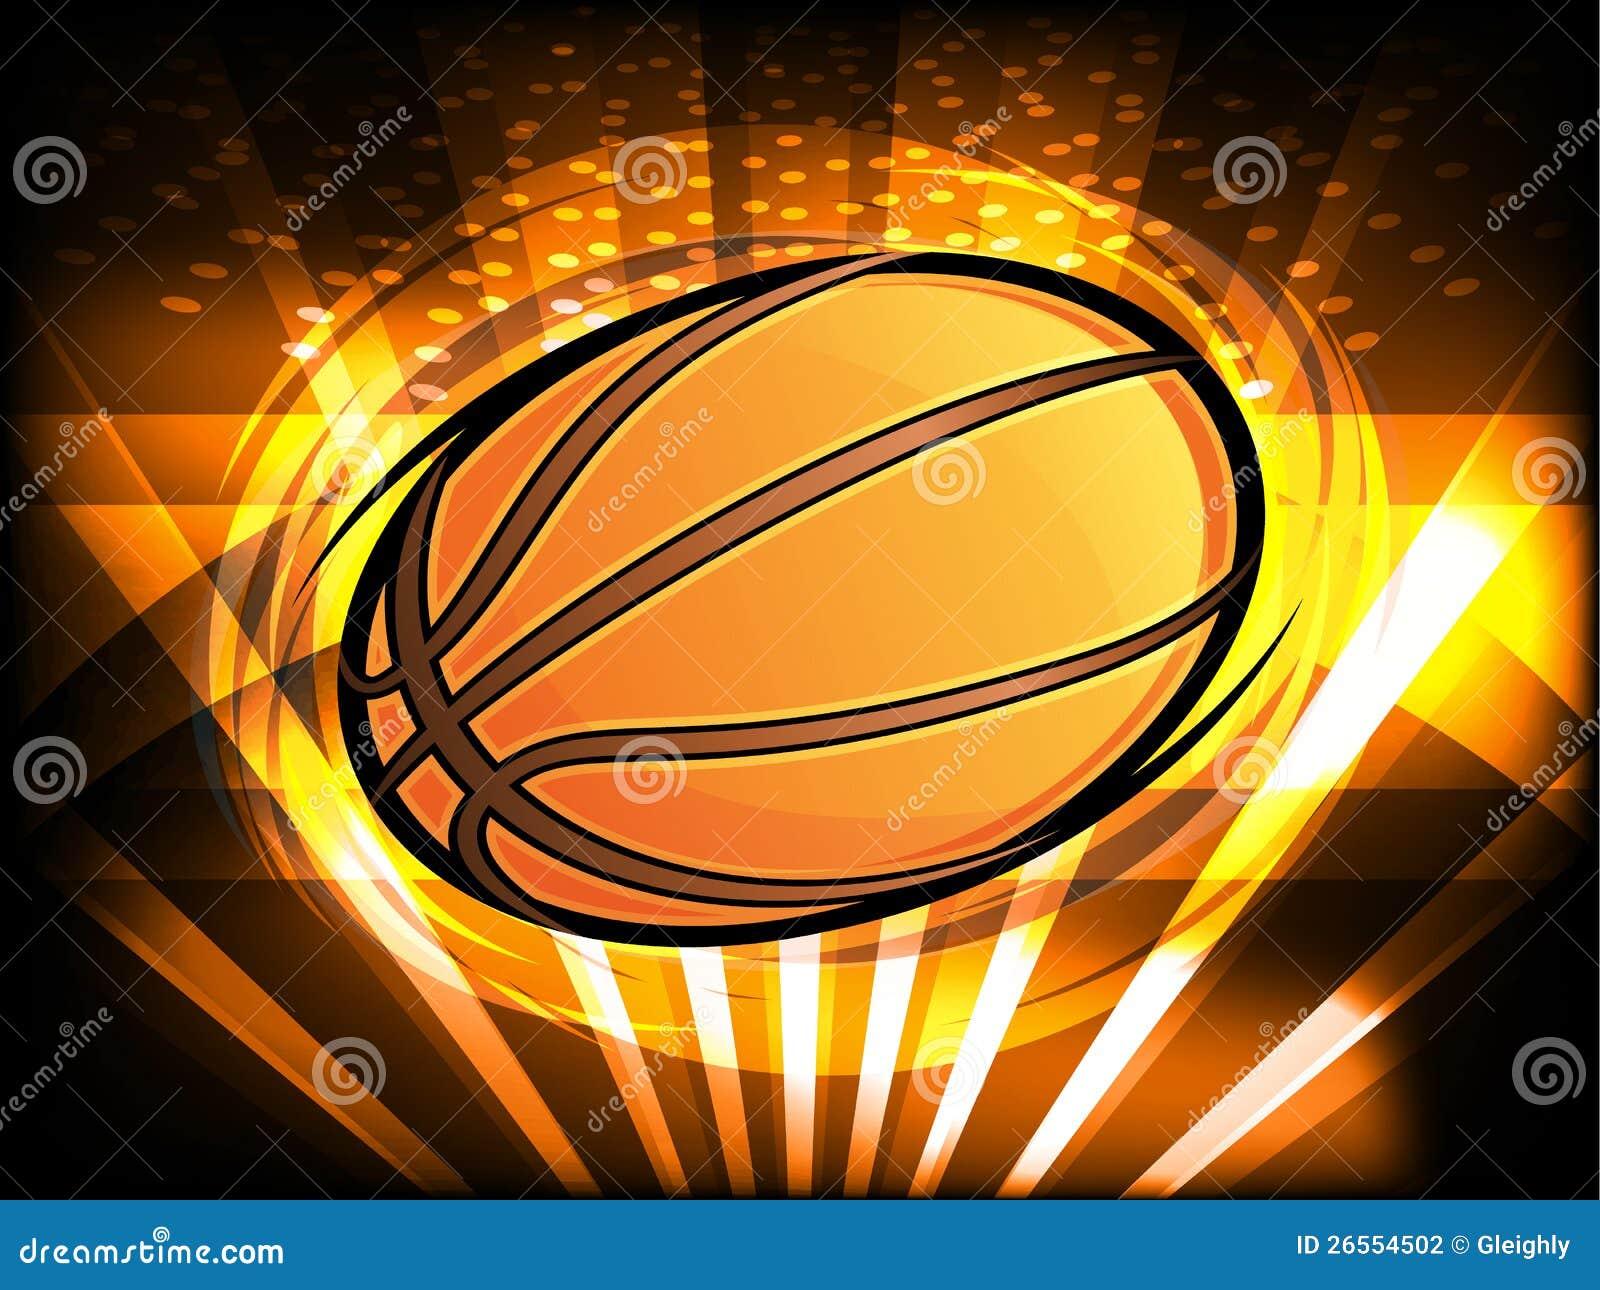 Grafico di pallacanestro